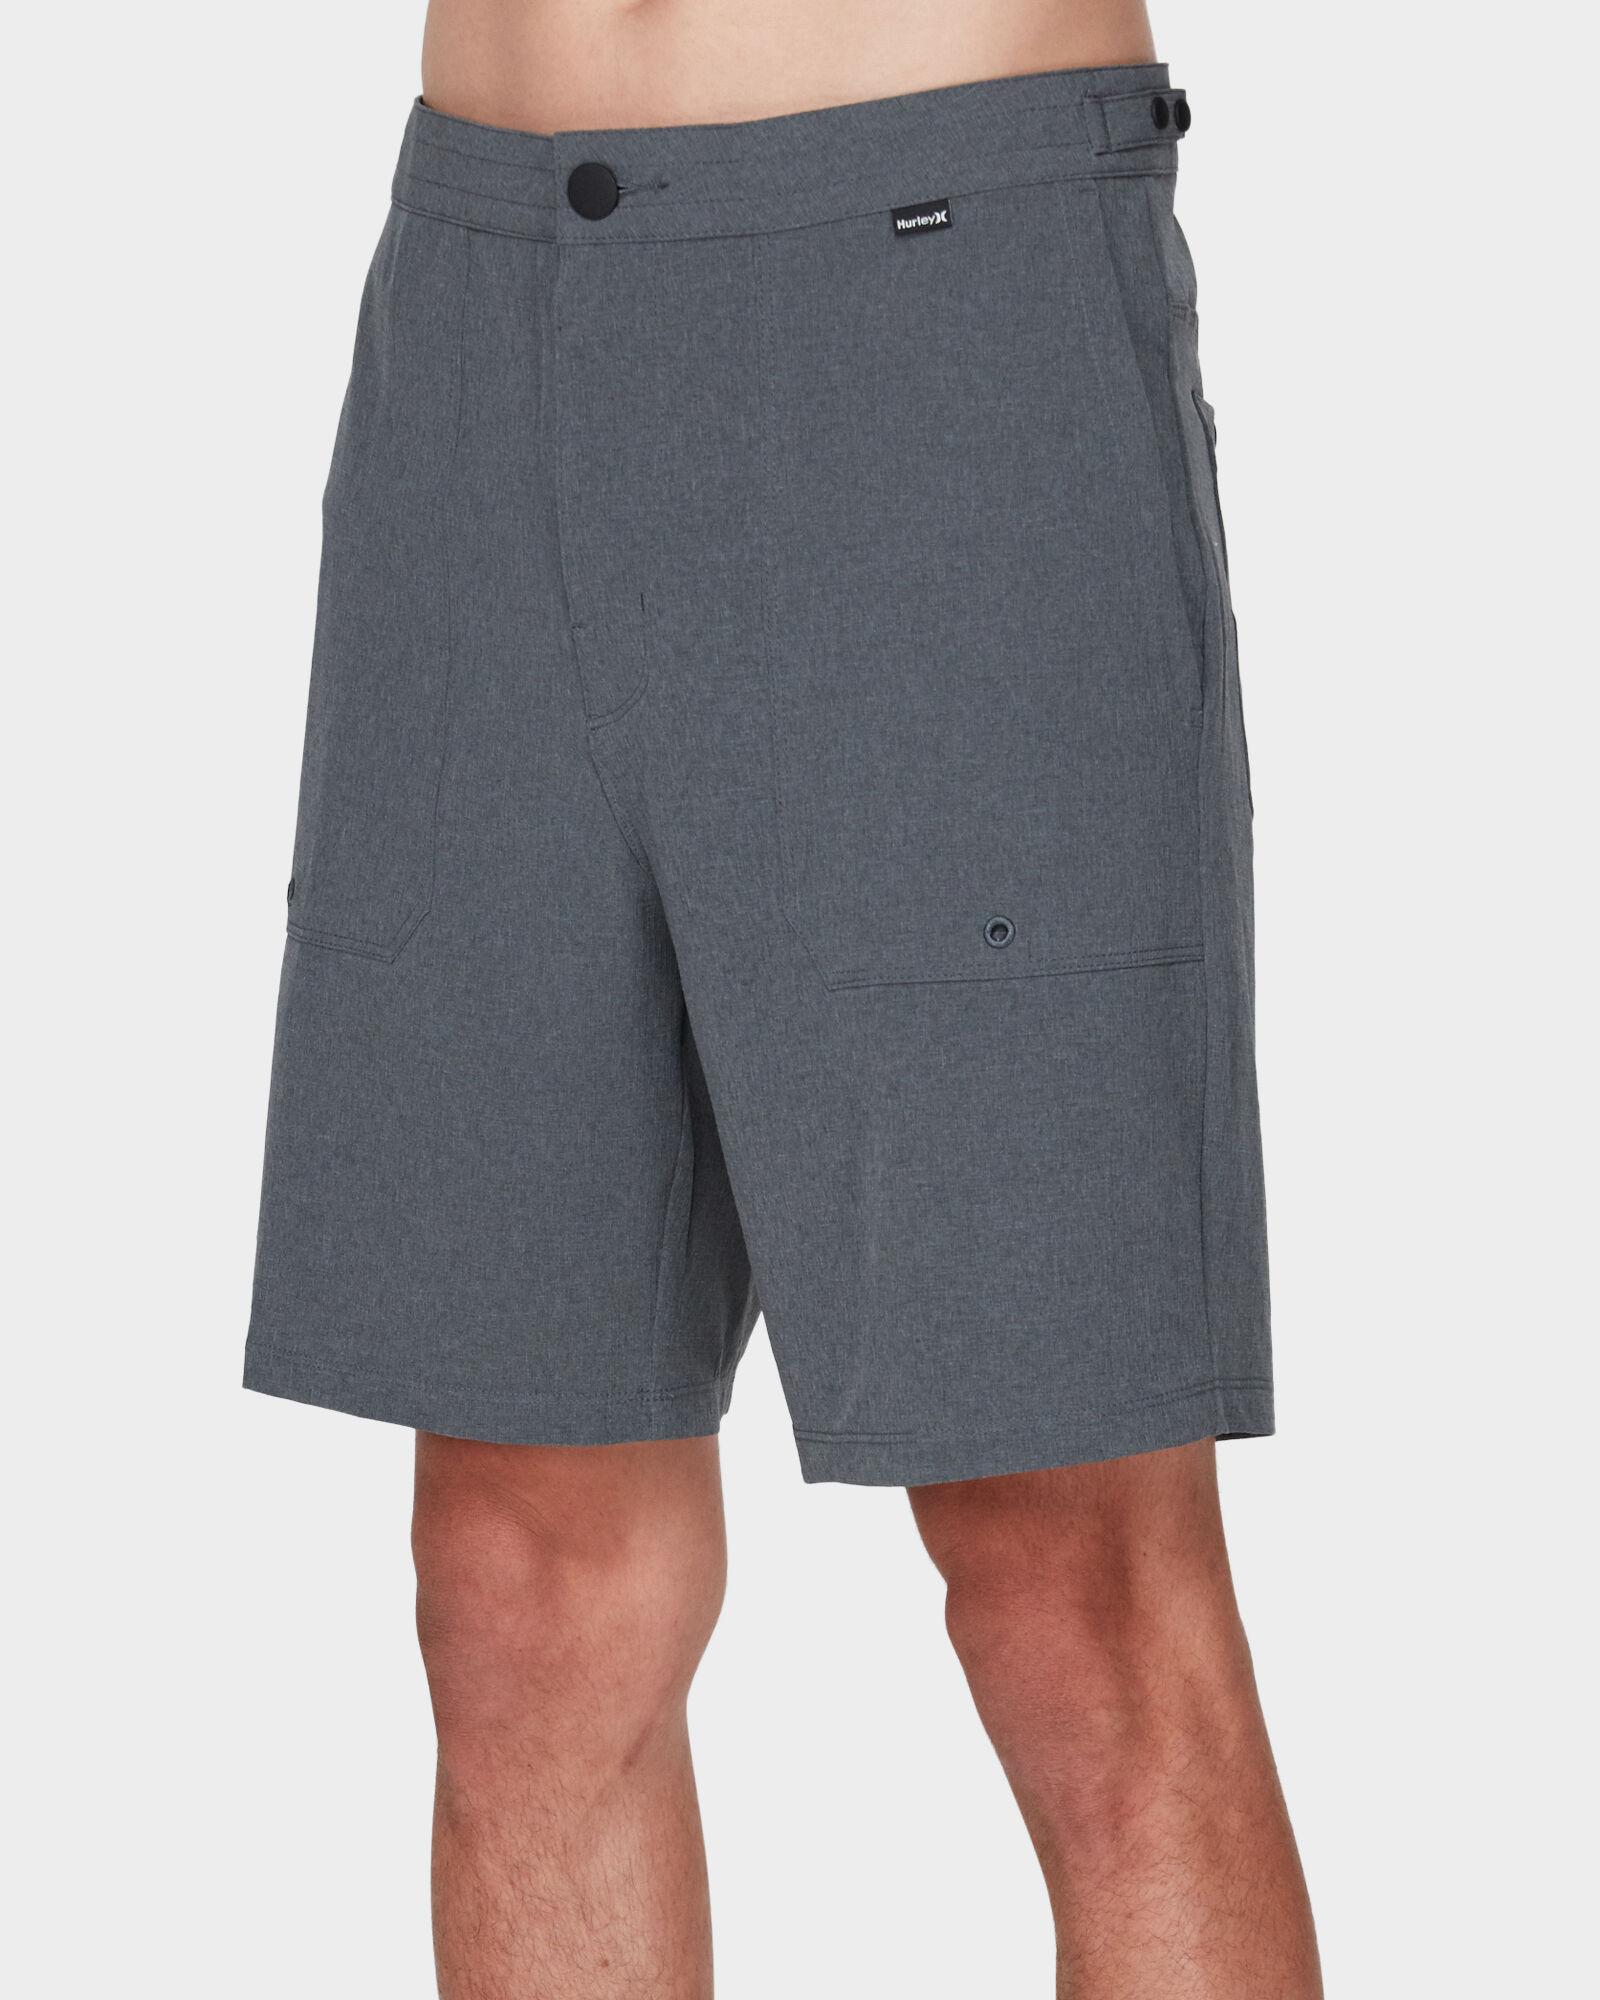 ae6d4e66f6c9 Hurley Mens Coastline Walkshort 18 AJ2629 Clothing